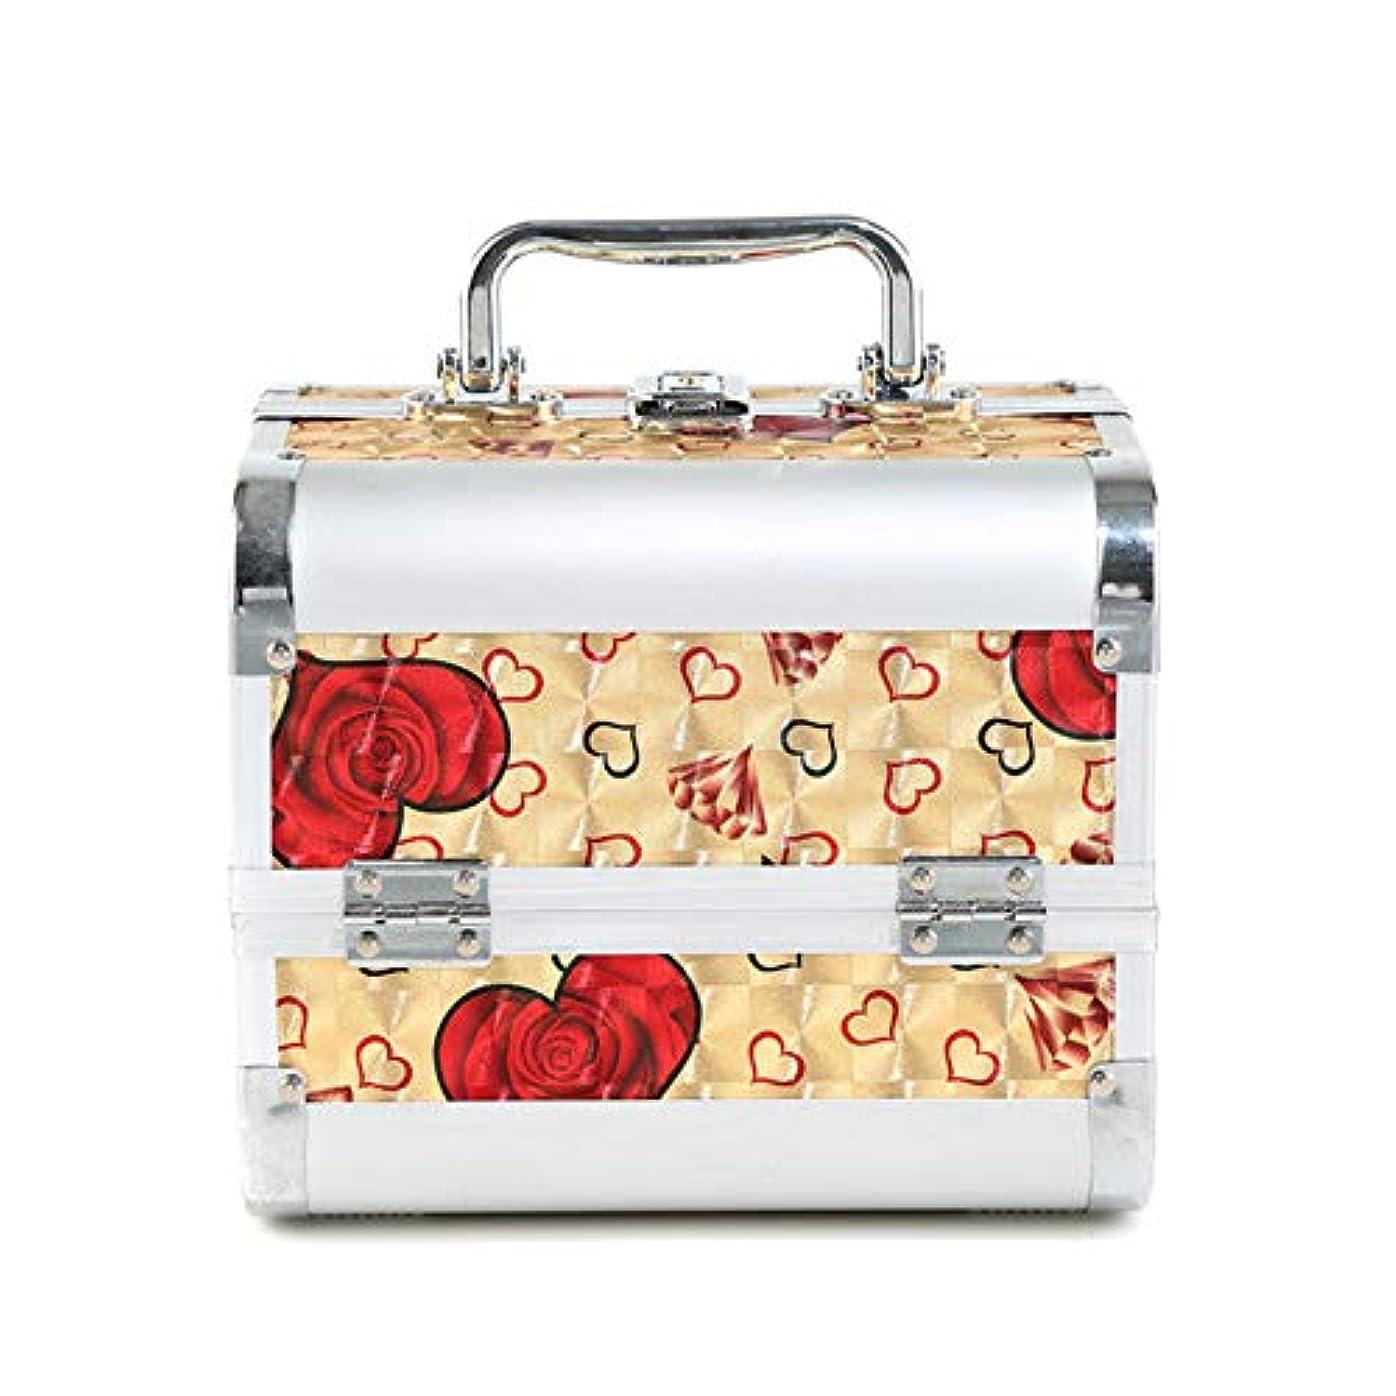 月曜無人出費化粧オーガナイザーバッグ 大容量ポータブル化粧ケース(トラベルアクセサリー用)シャンプーボディウォッシュパーソナルアイテム収納トレイ(エクステンショントレイ付) 化粧品ケース